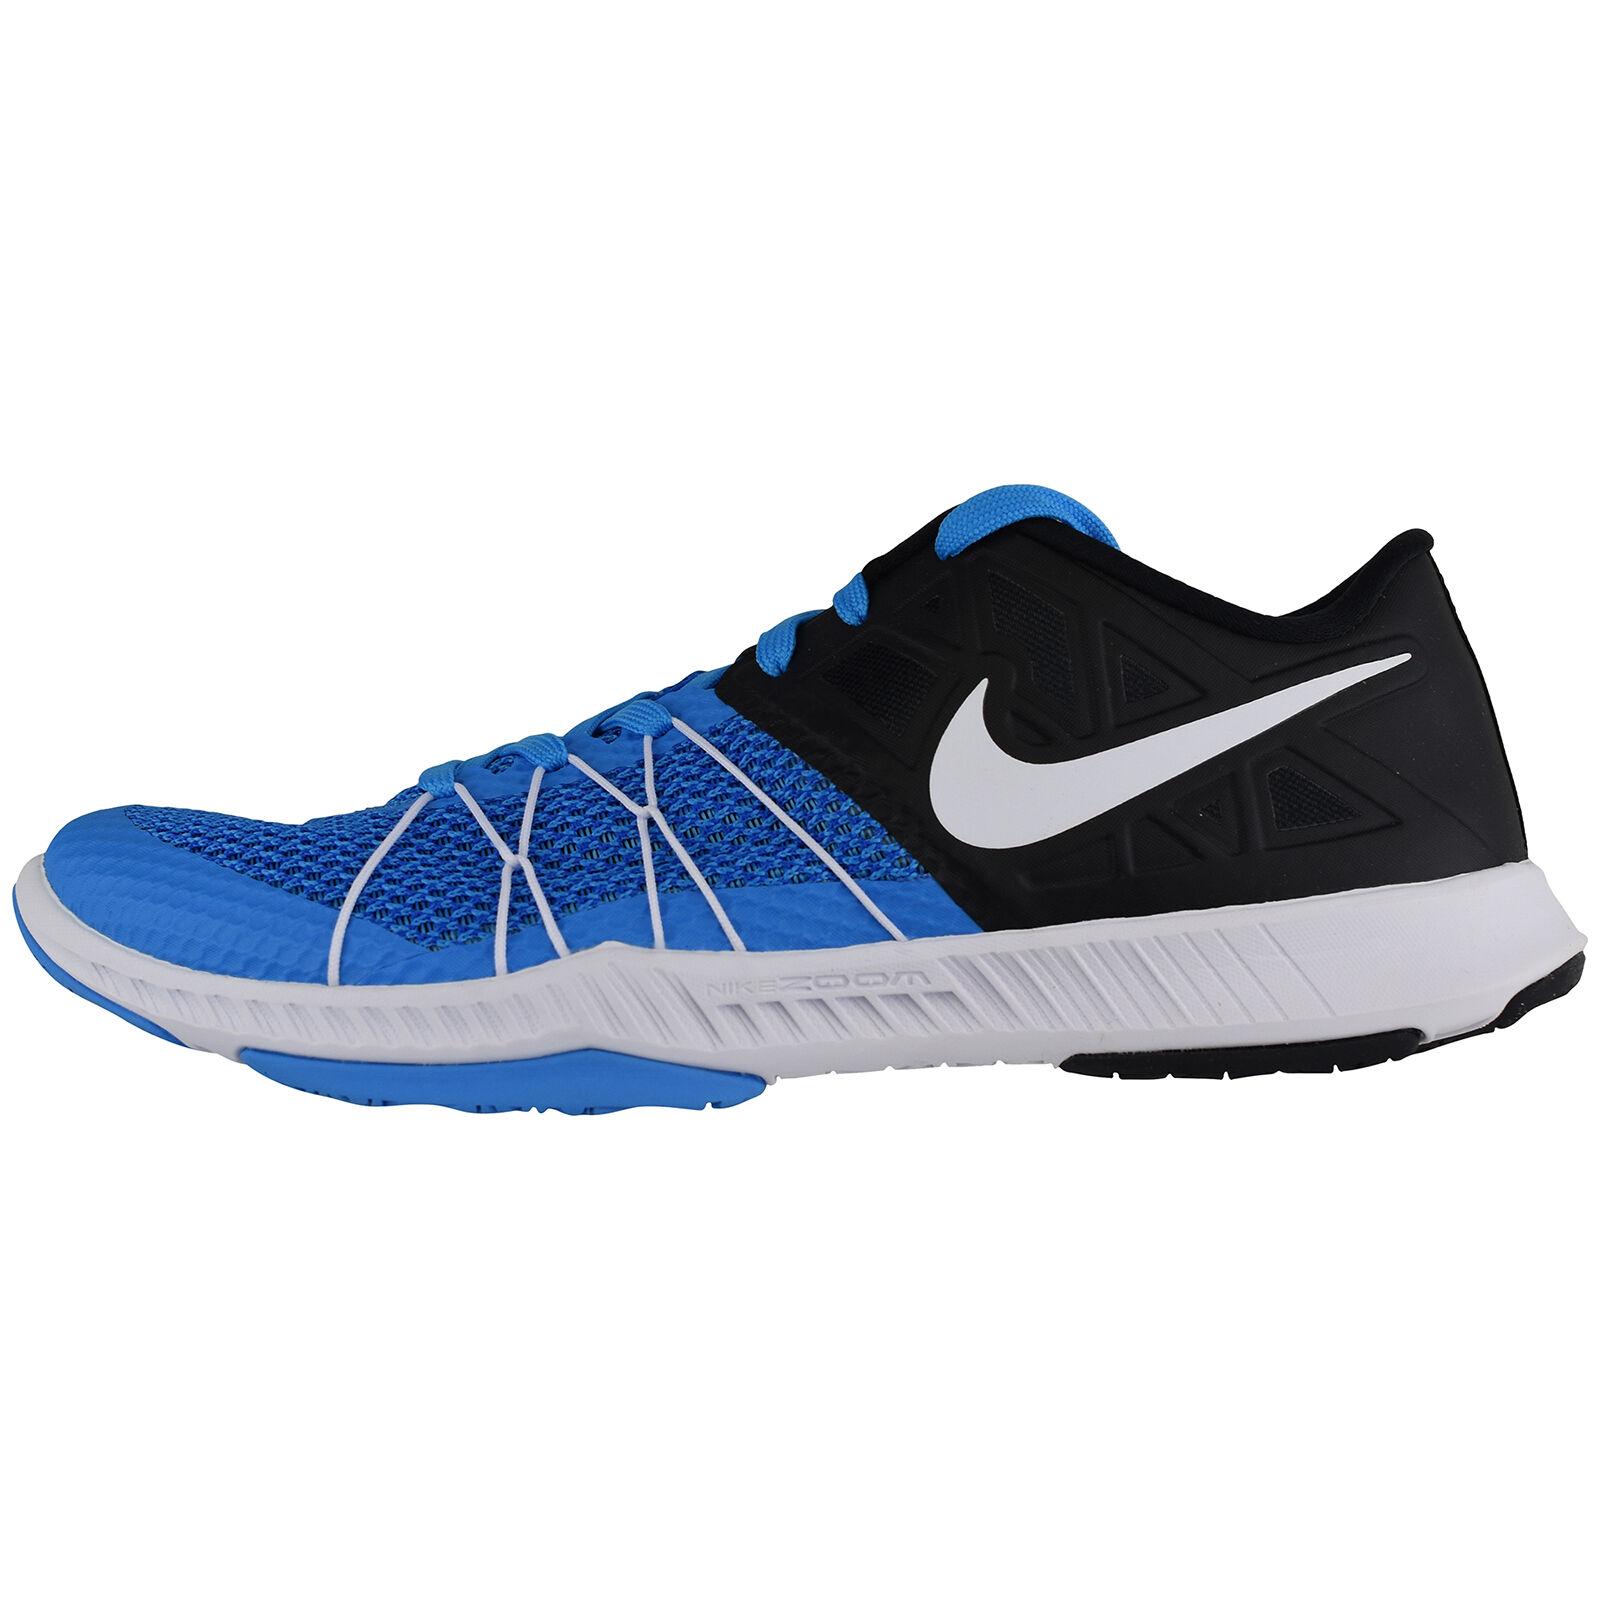 Nike Zoom Train Incredibly Fast 844803-401 Joggen Freizeit Laufschuhe Sneaker